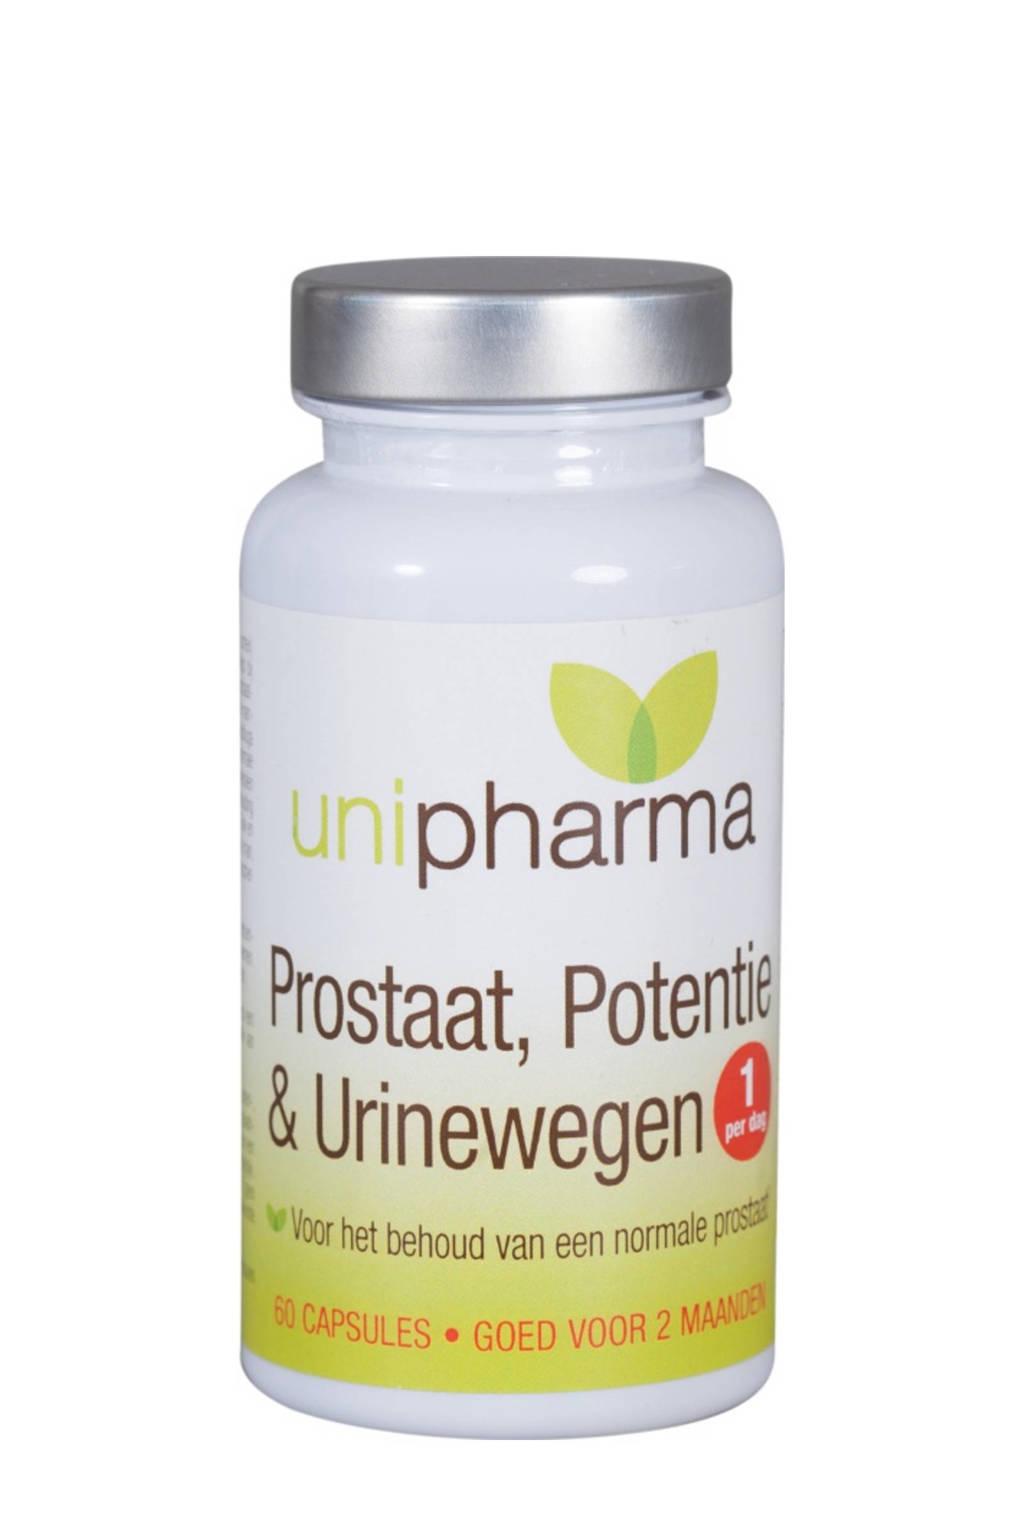 Unipharma Prostaat, Potentie & Urinewegen - 60 tabletten